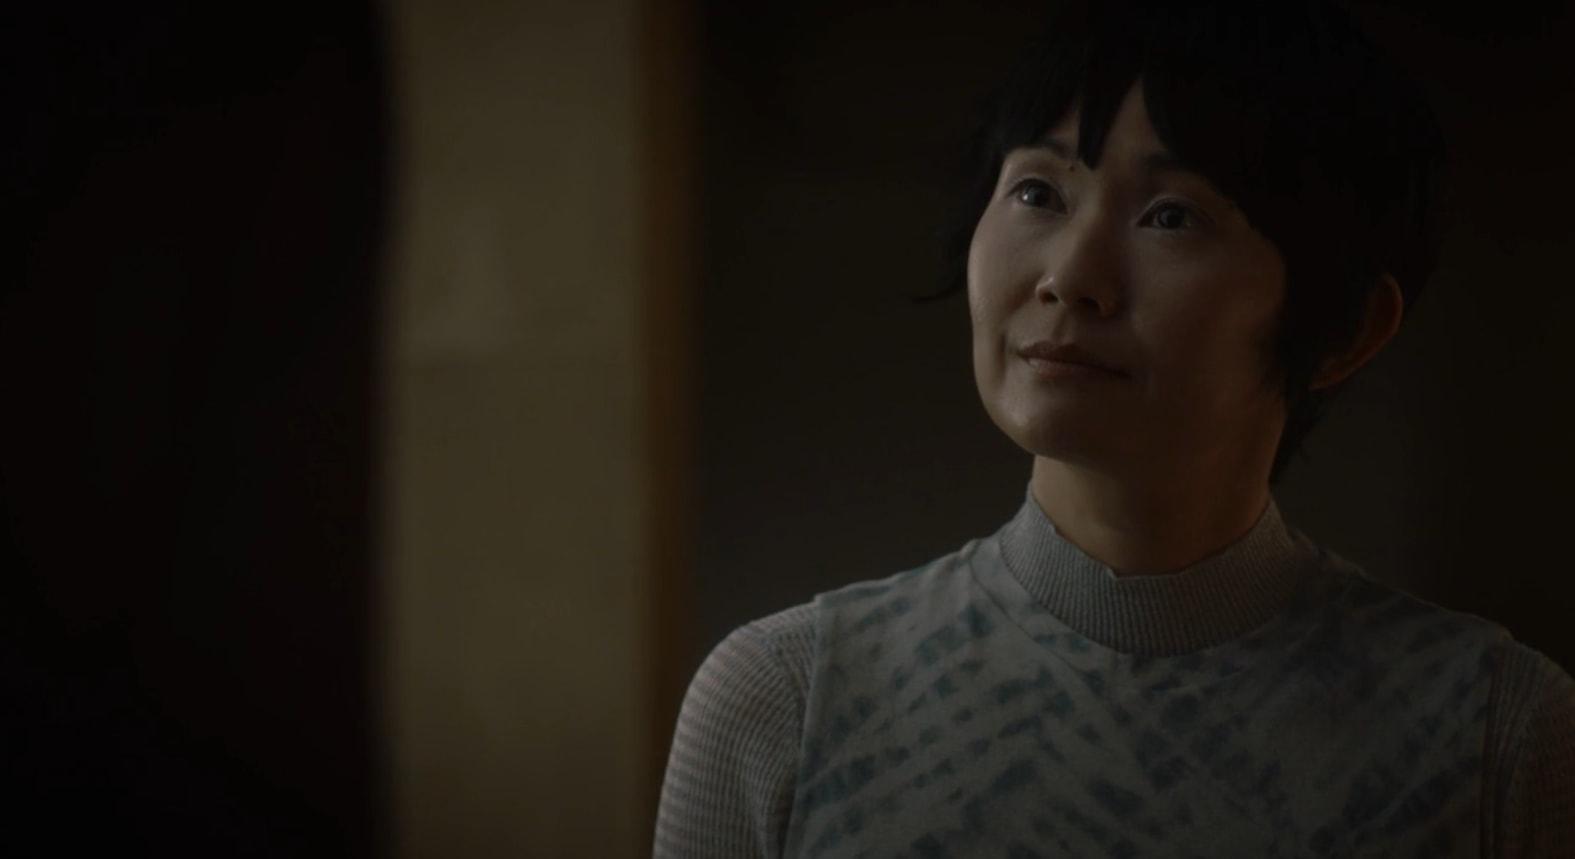 نقد و بررسی قسمت چهارم و پنجم سریال Watchmen